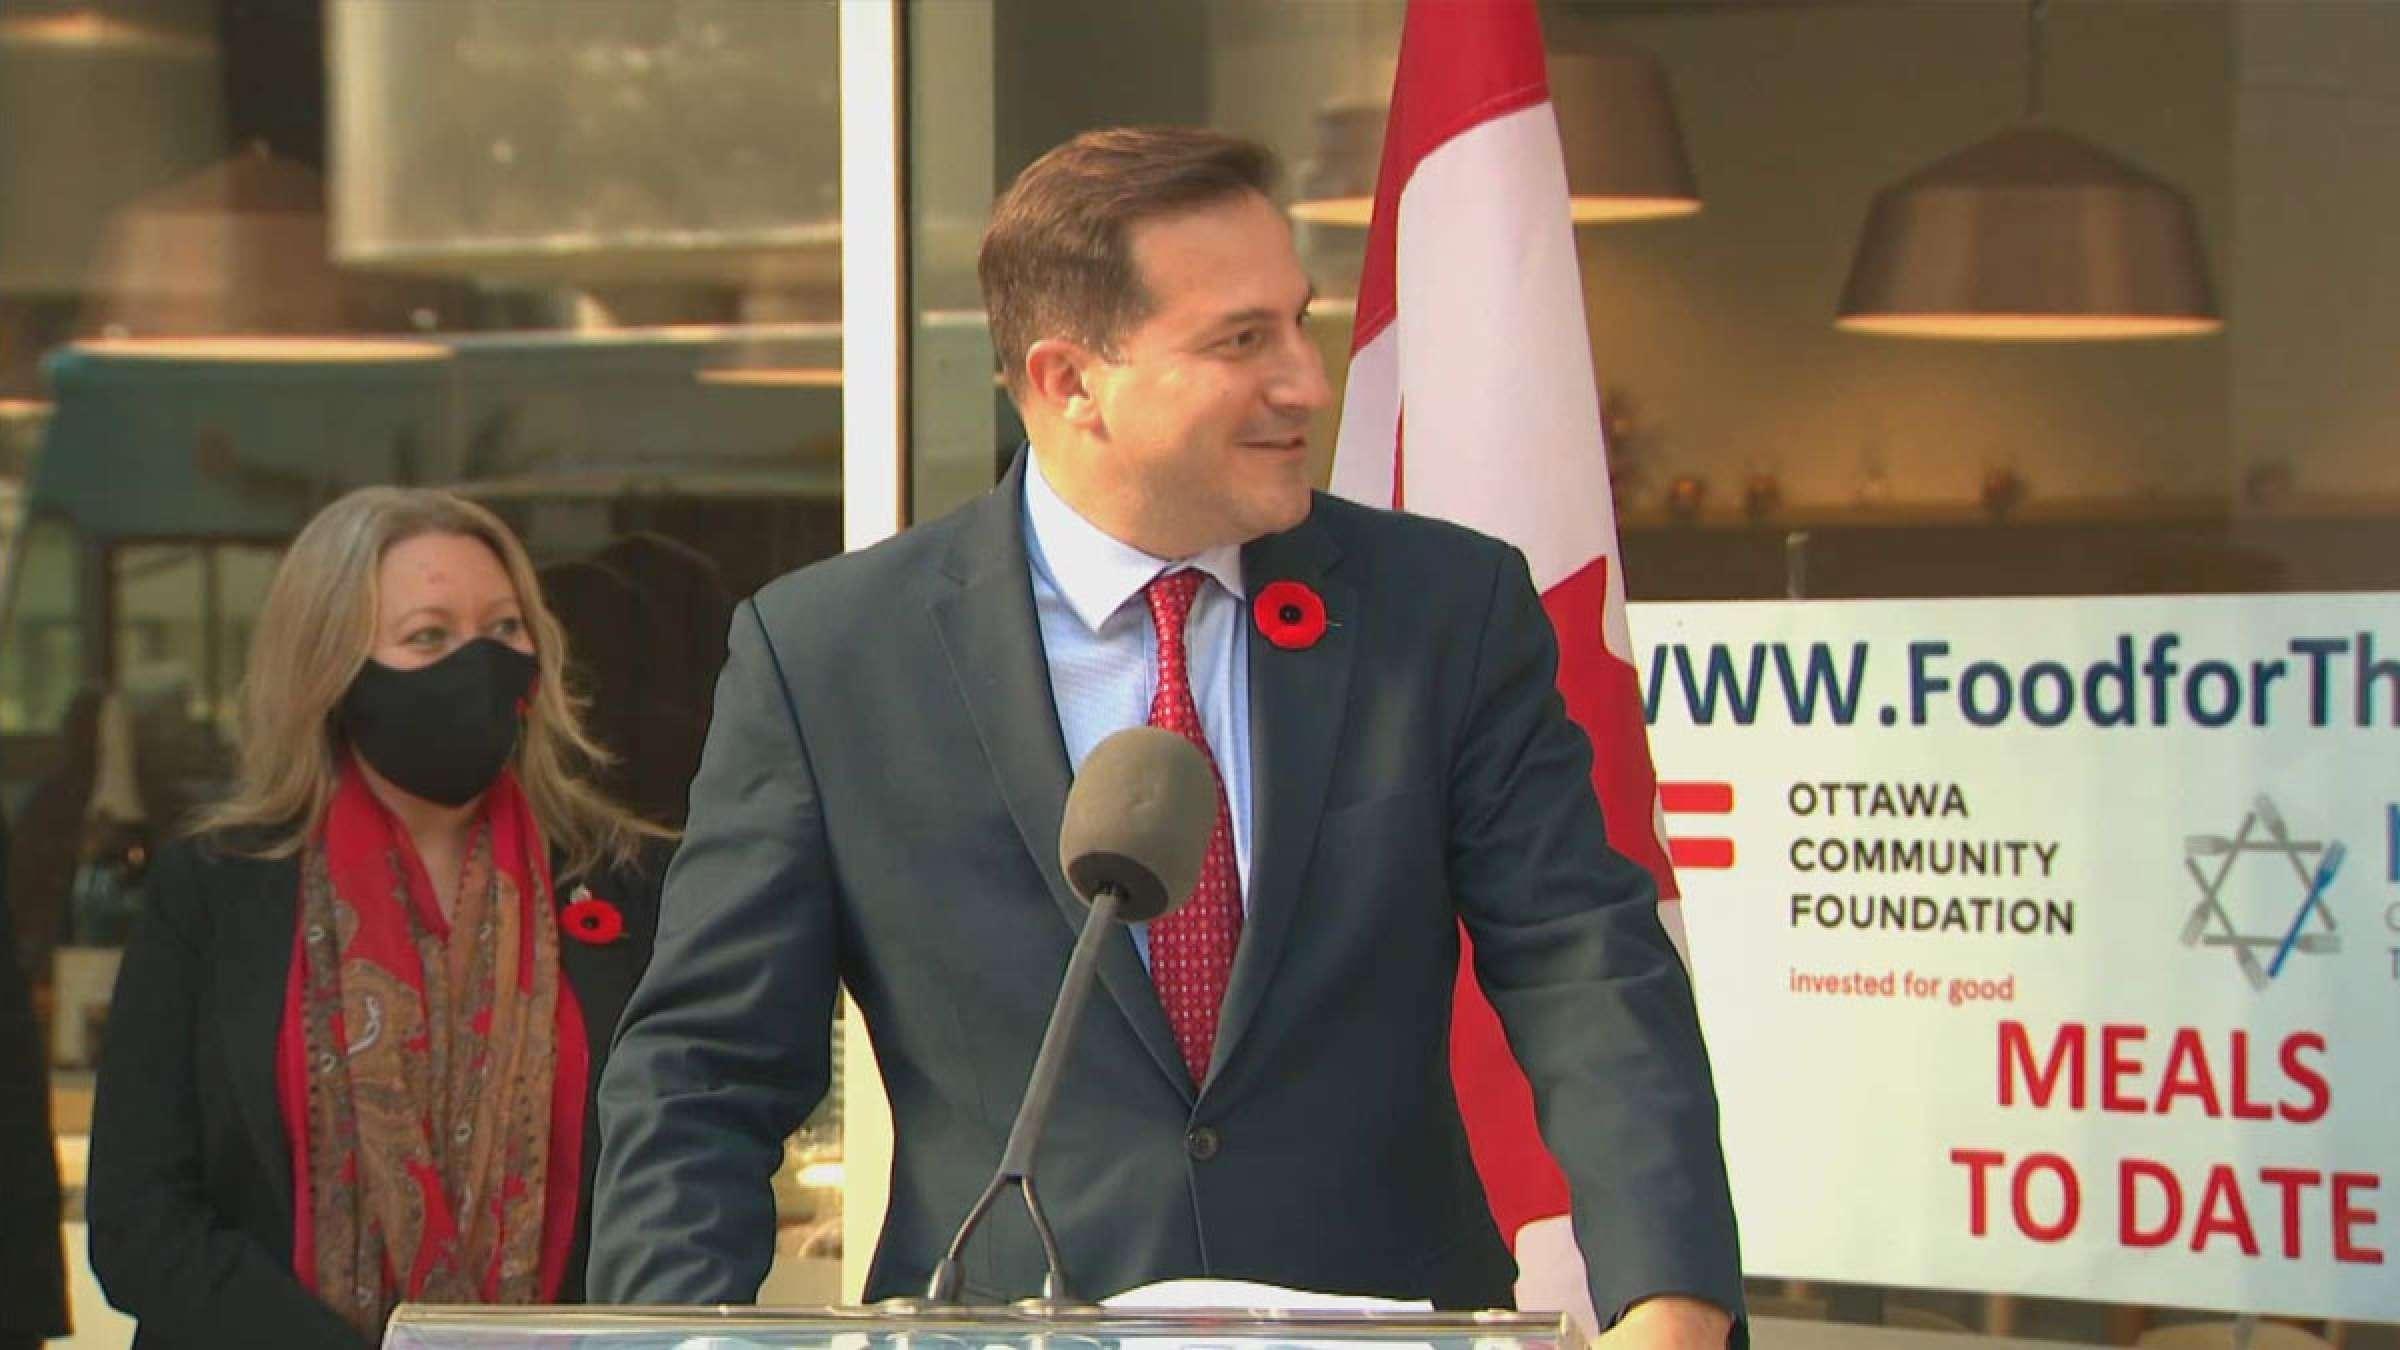 اخبار-کانادا-کانادا-بیش-از-یک-میلیون-مهاجر-می-پذیرد